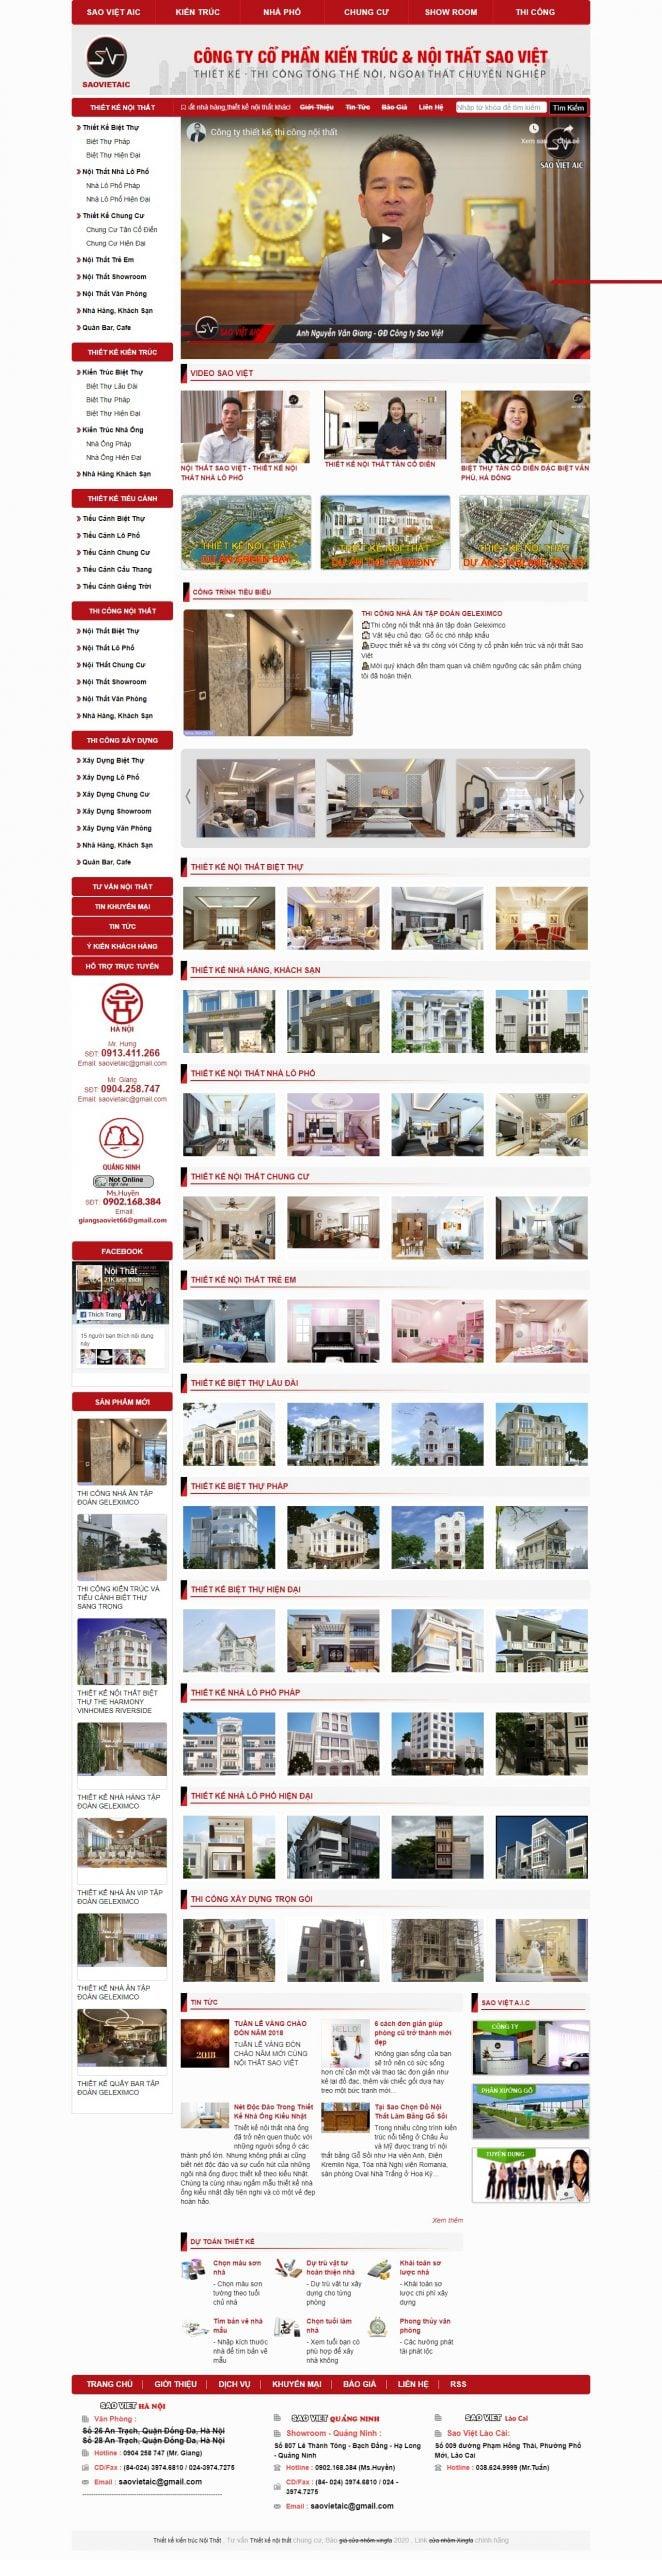 Mẫu thiết kế website bán hàng – saovietaic.vn Thiết kế nội thất và kiến trúc nội thất SaoViet A.I.C